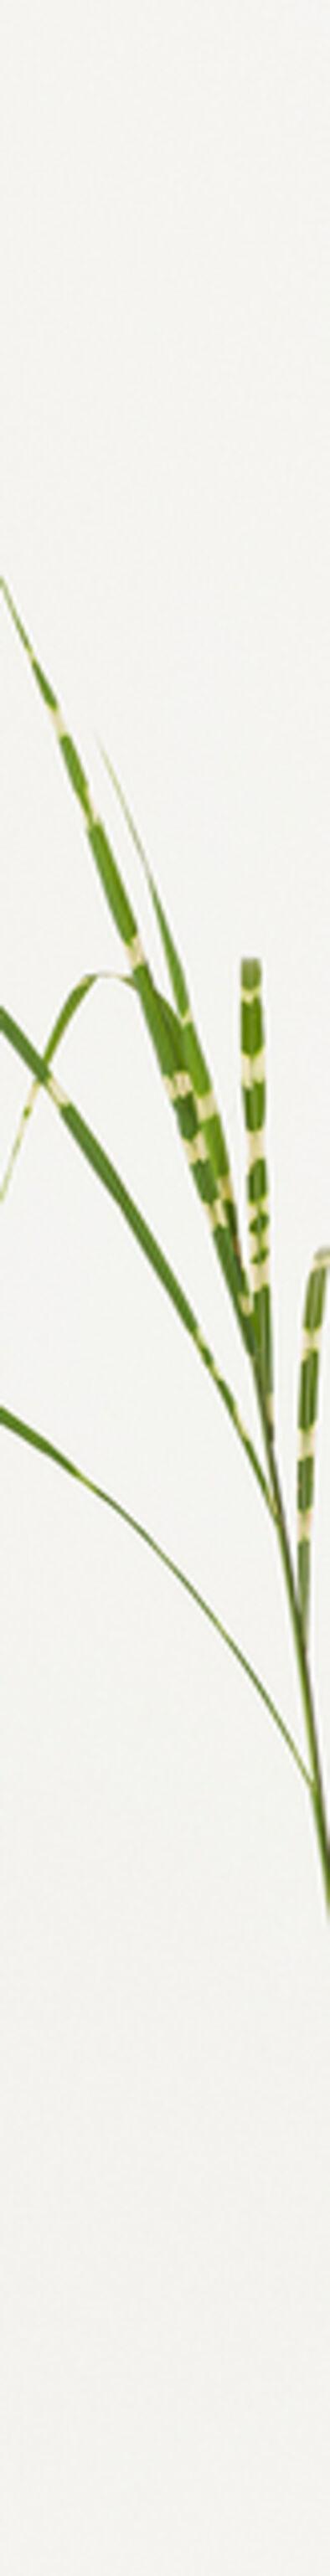 Takashi Tomo-oka, 'Susuki 3 ( silver grass )', 2014